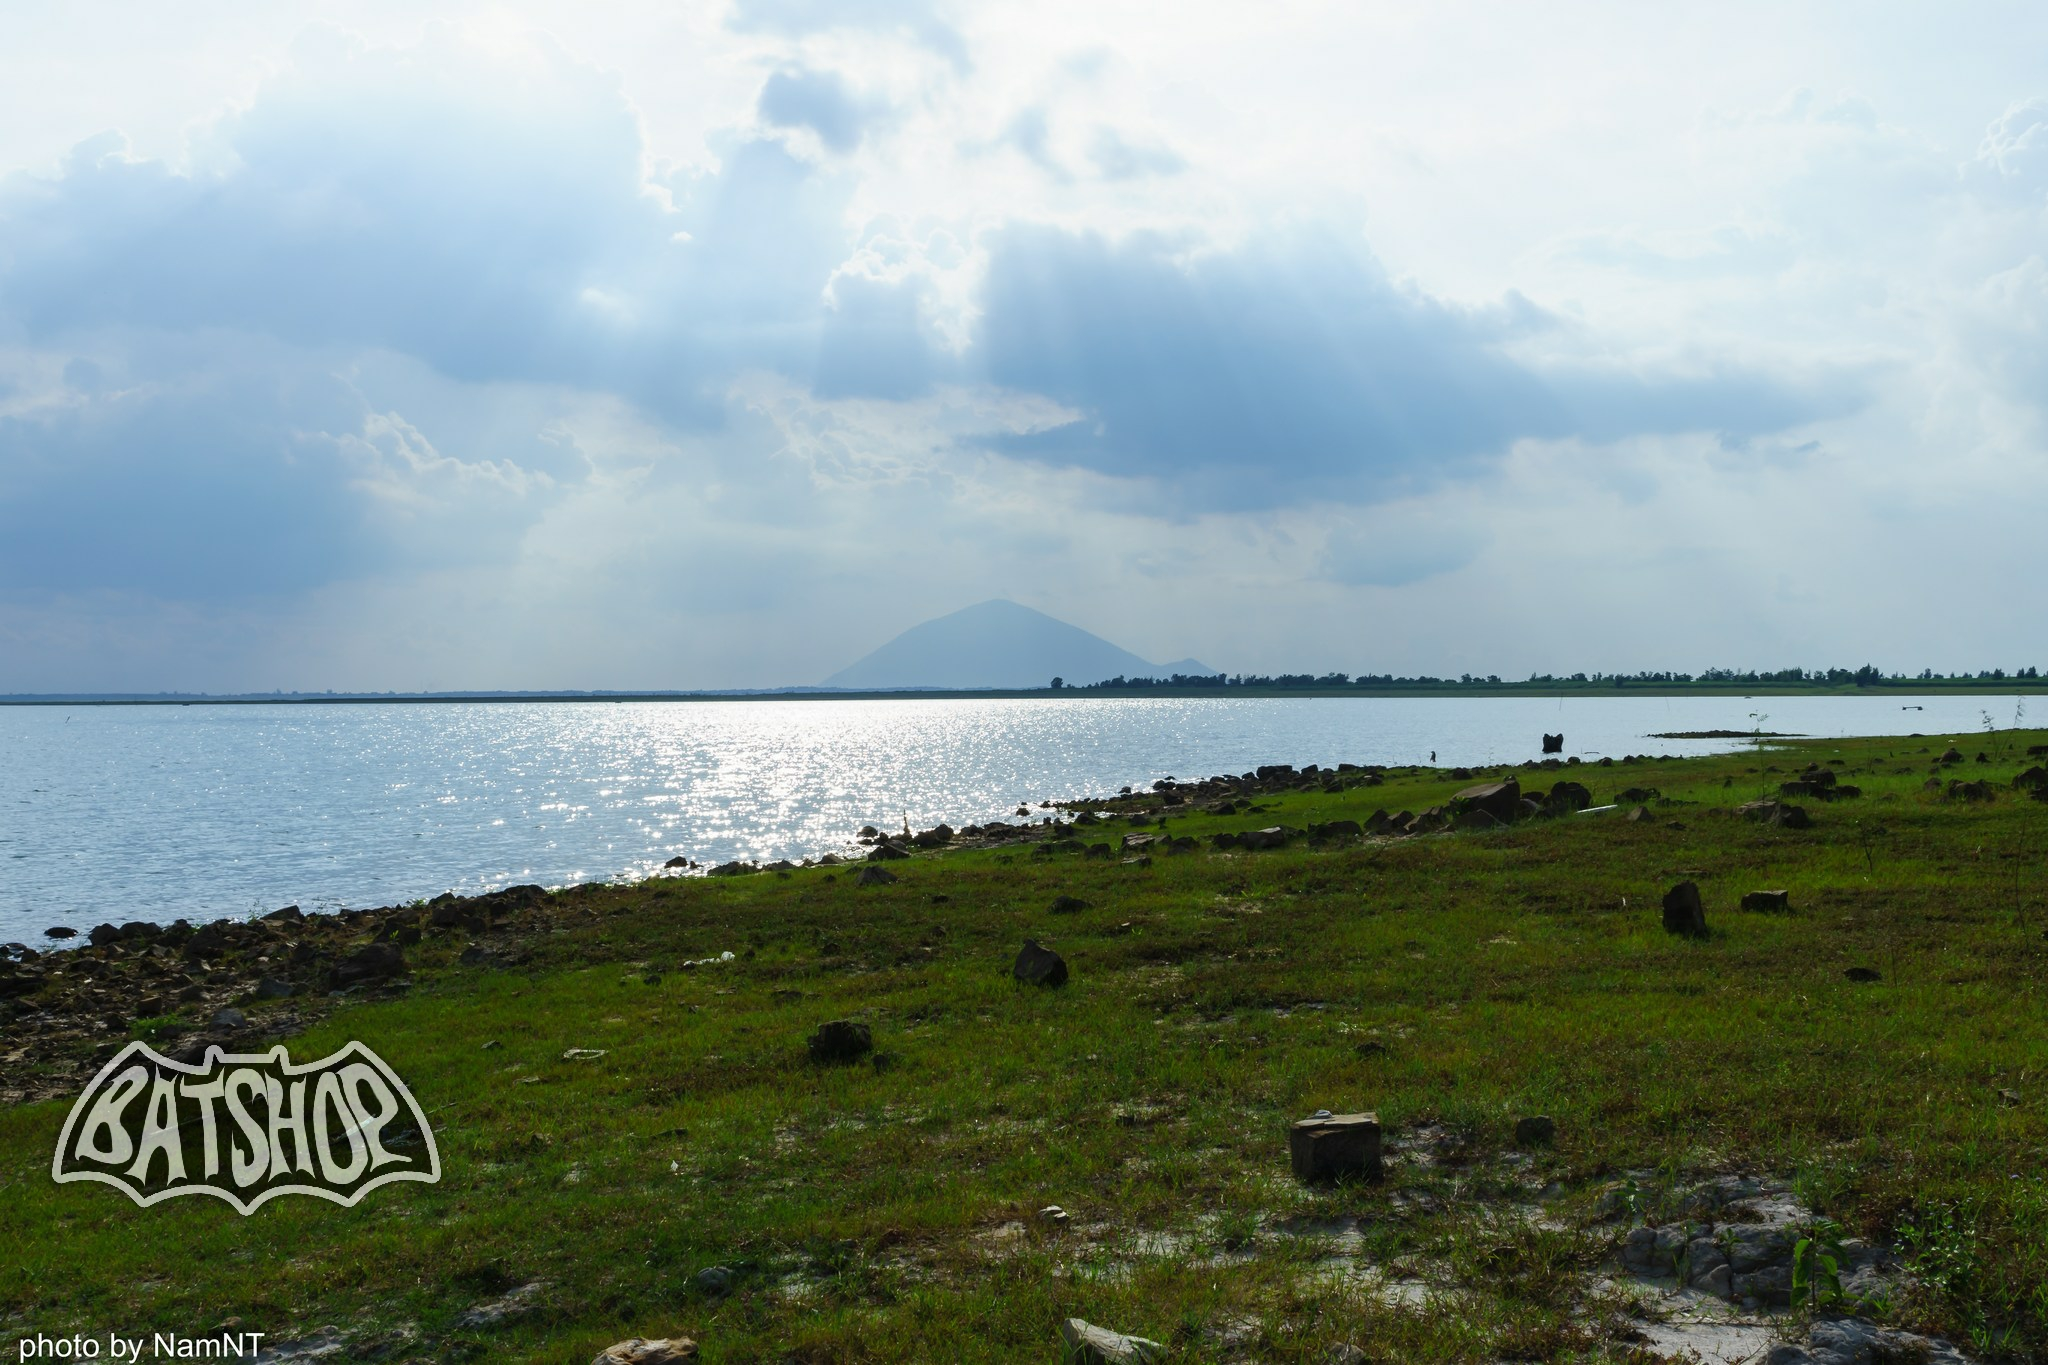 20024547394 72425ddf62 k - Hồ Cần Nôm-Dầu Tiếng chuyến đạp xe, băng rừng, leo núi, tắm hồ, mần gà